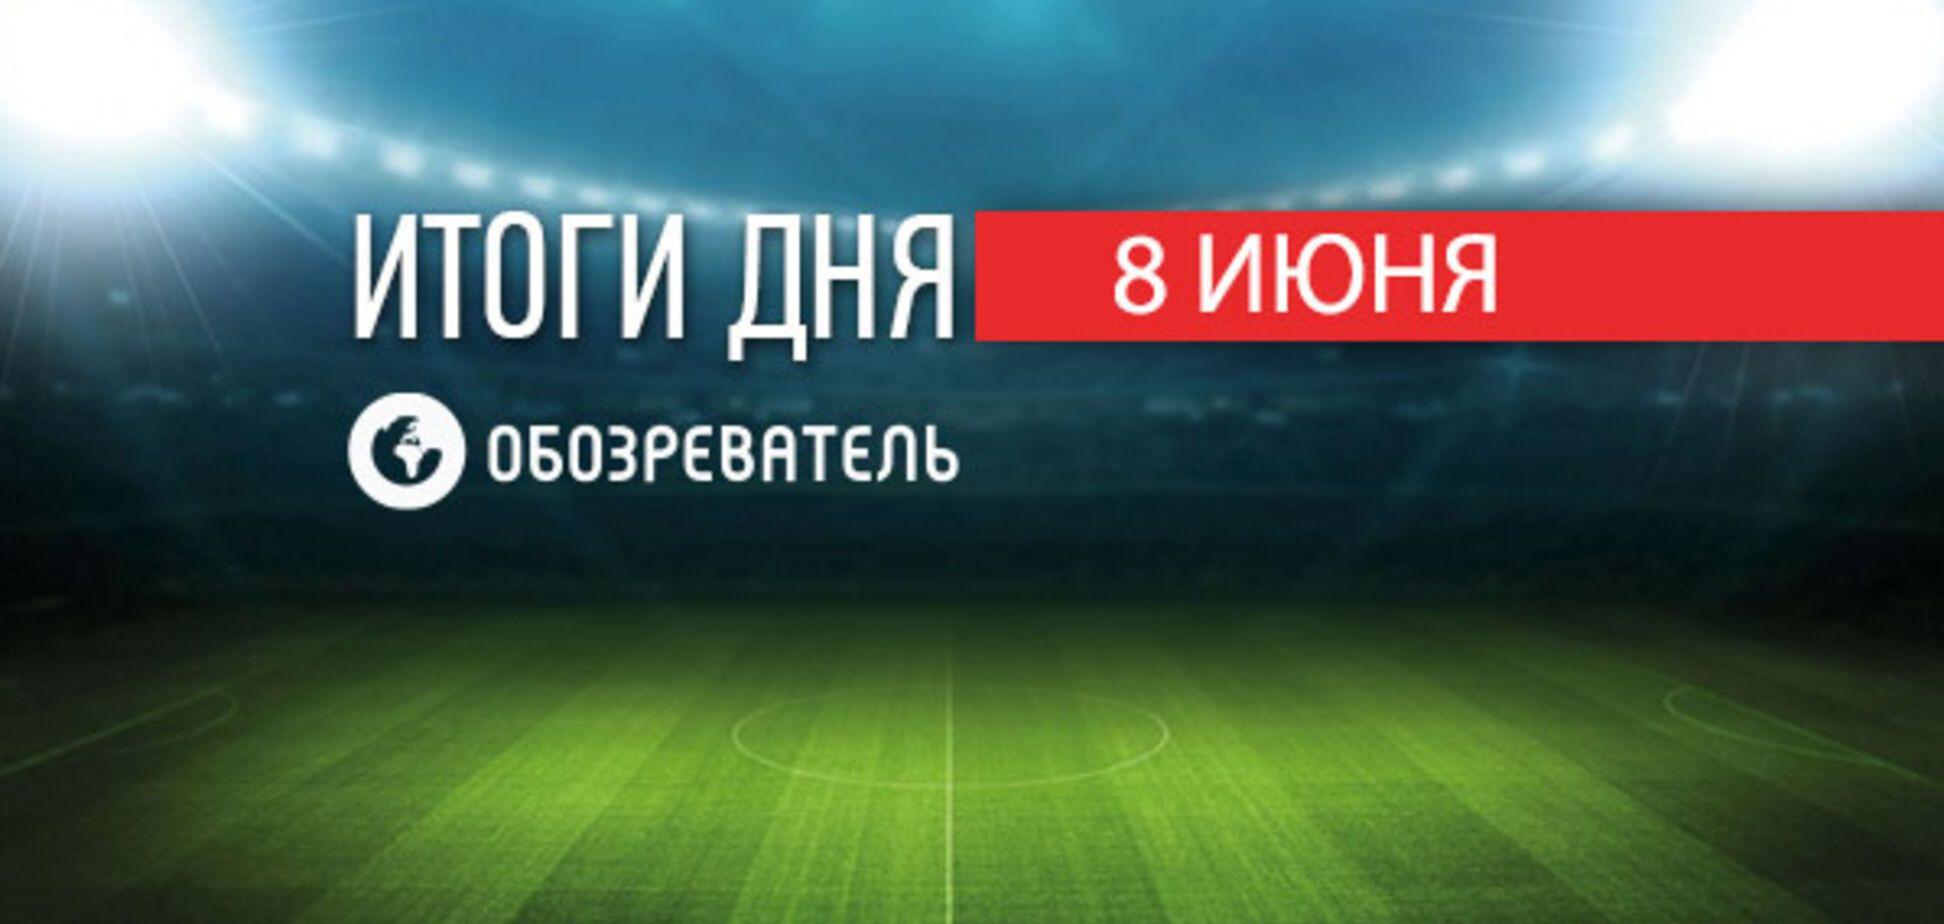 Победа Украины вызвала истерику в России: спортивные итоги 8 июня